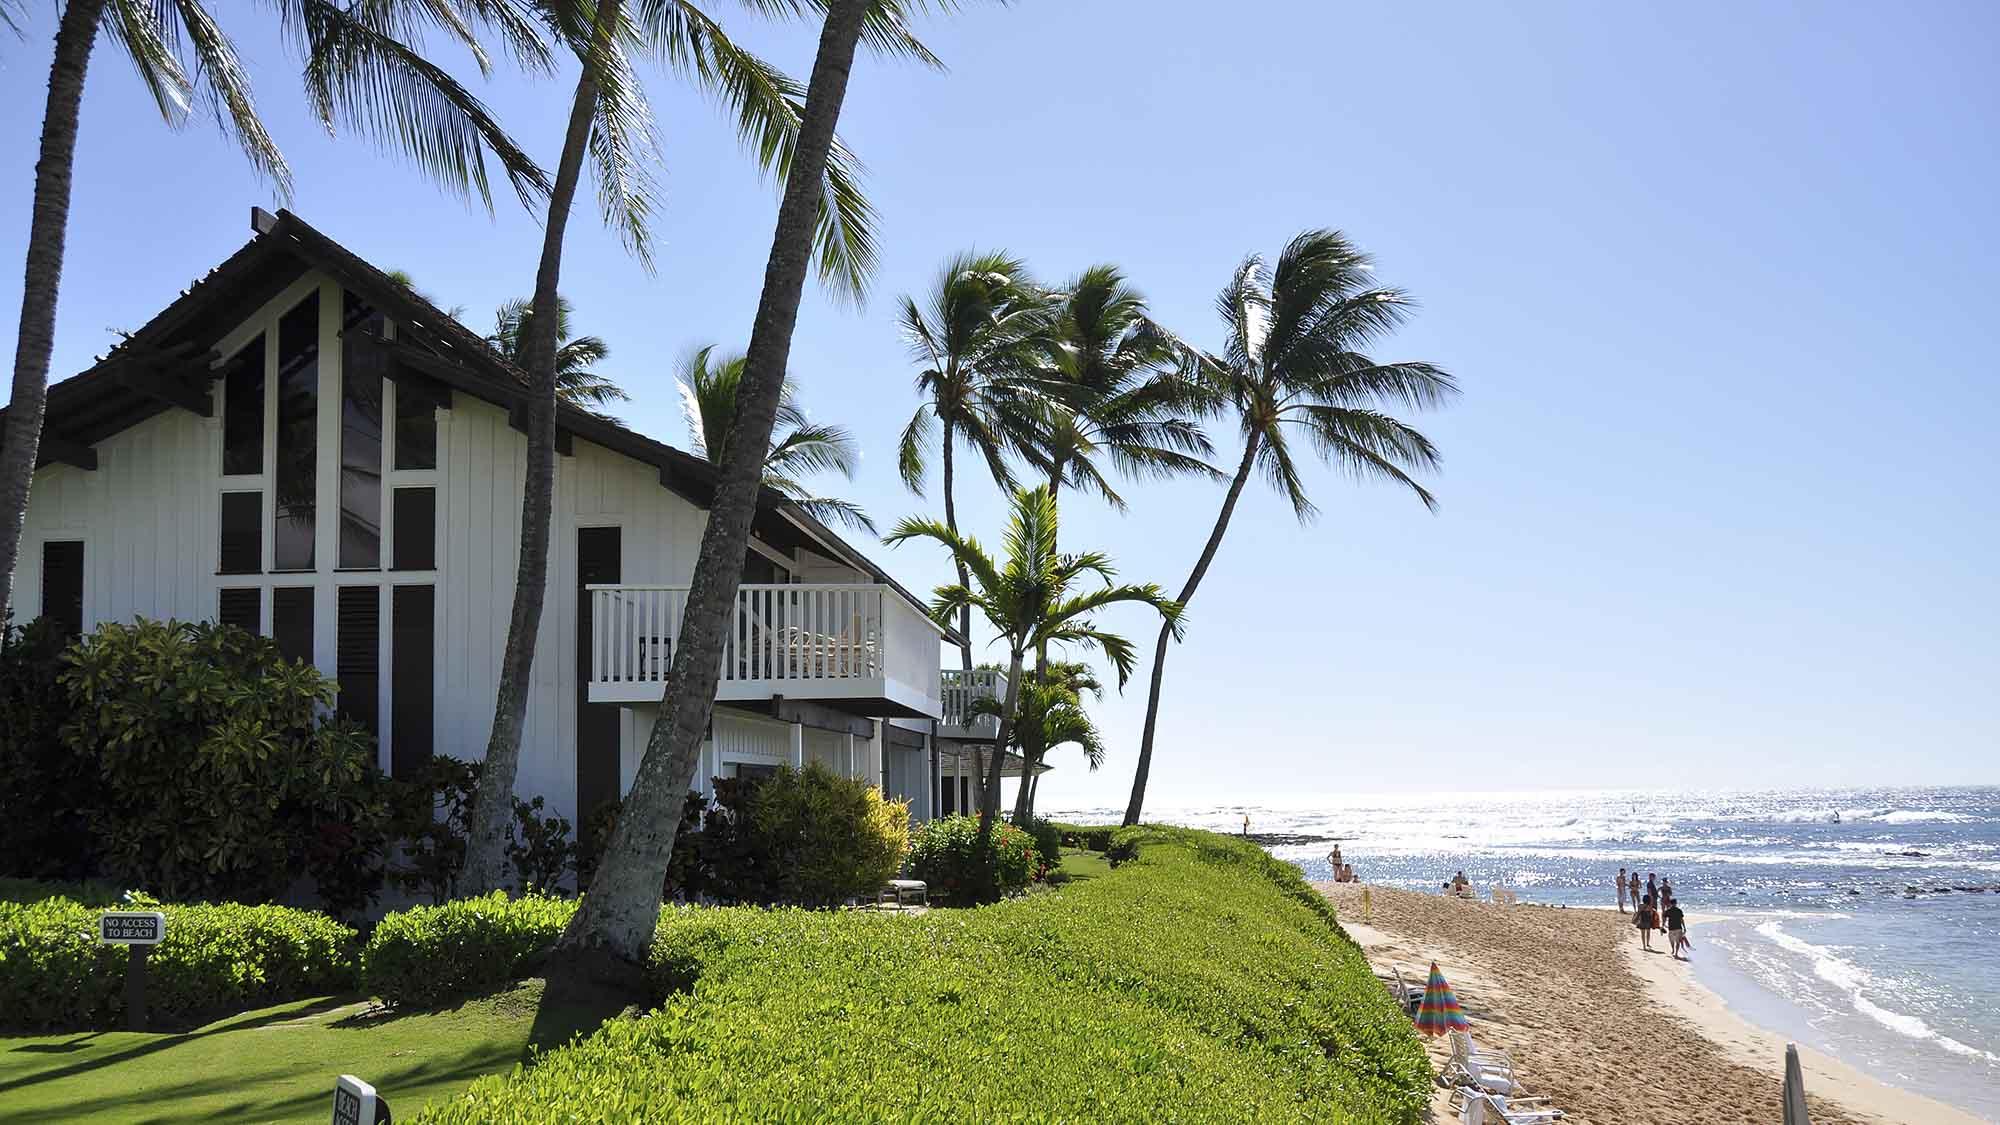 Kiahuna Plantation Resort 3 - Parrish Kauai